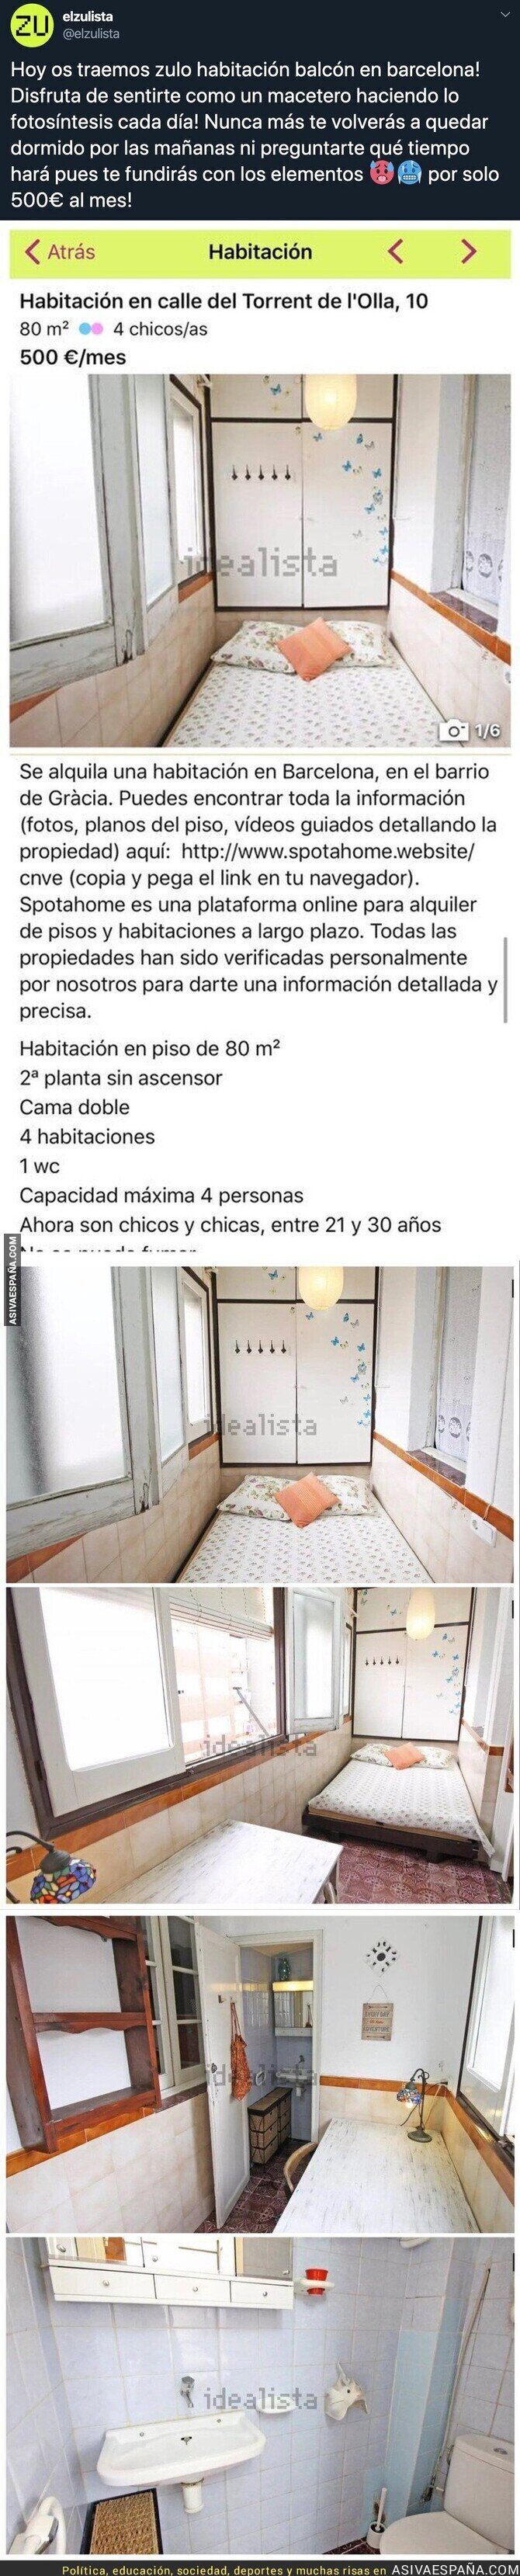 134561 - El vergonzoso precio de esta mini habitación en Barcelona en la que no cabe absolutamente nada para vivir